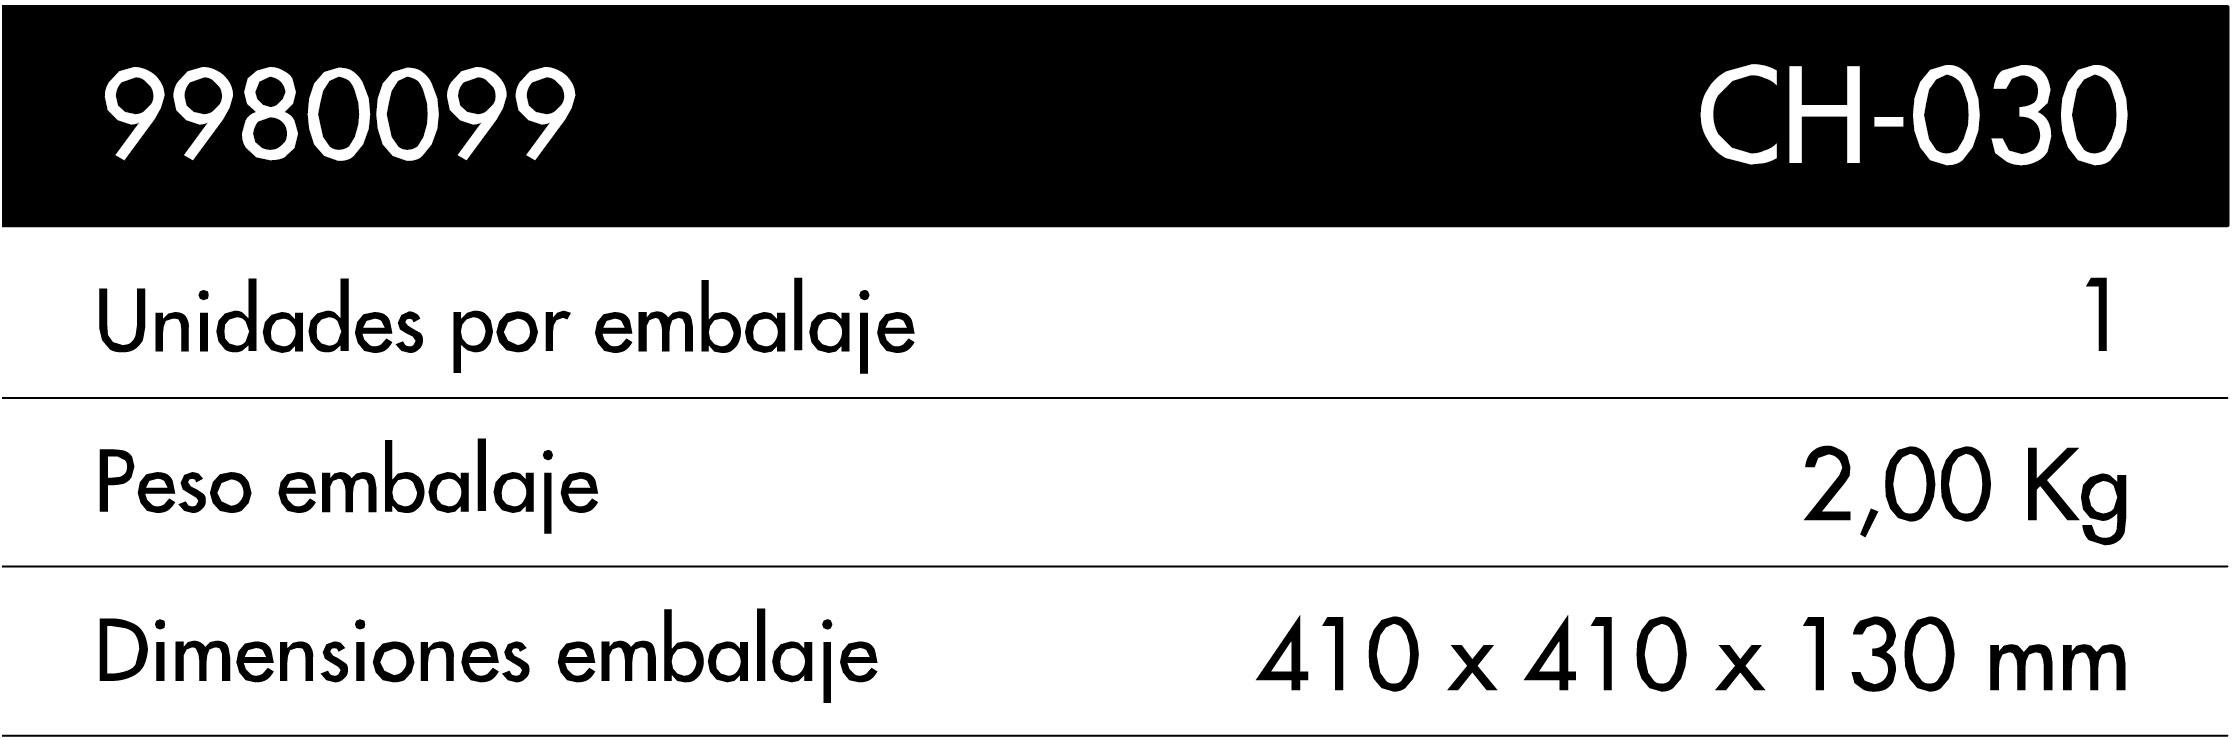 9980099-tablaES.jpg